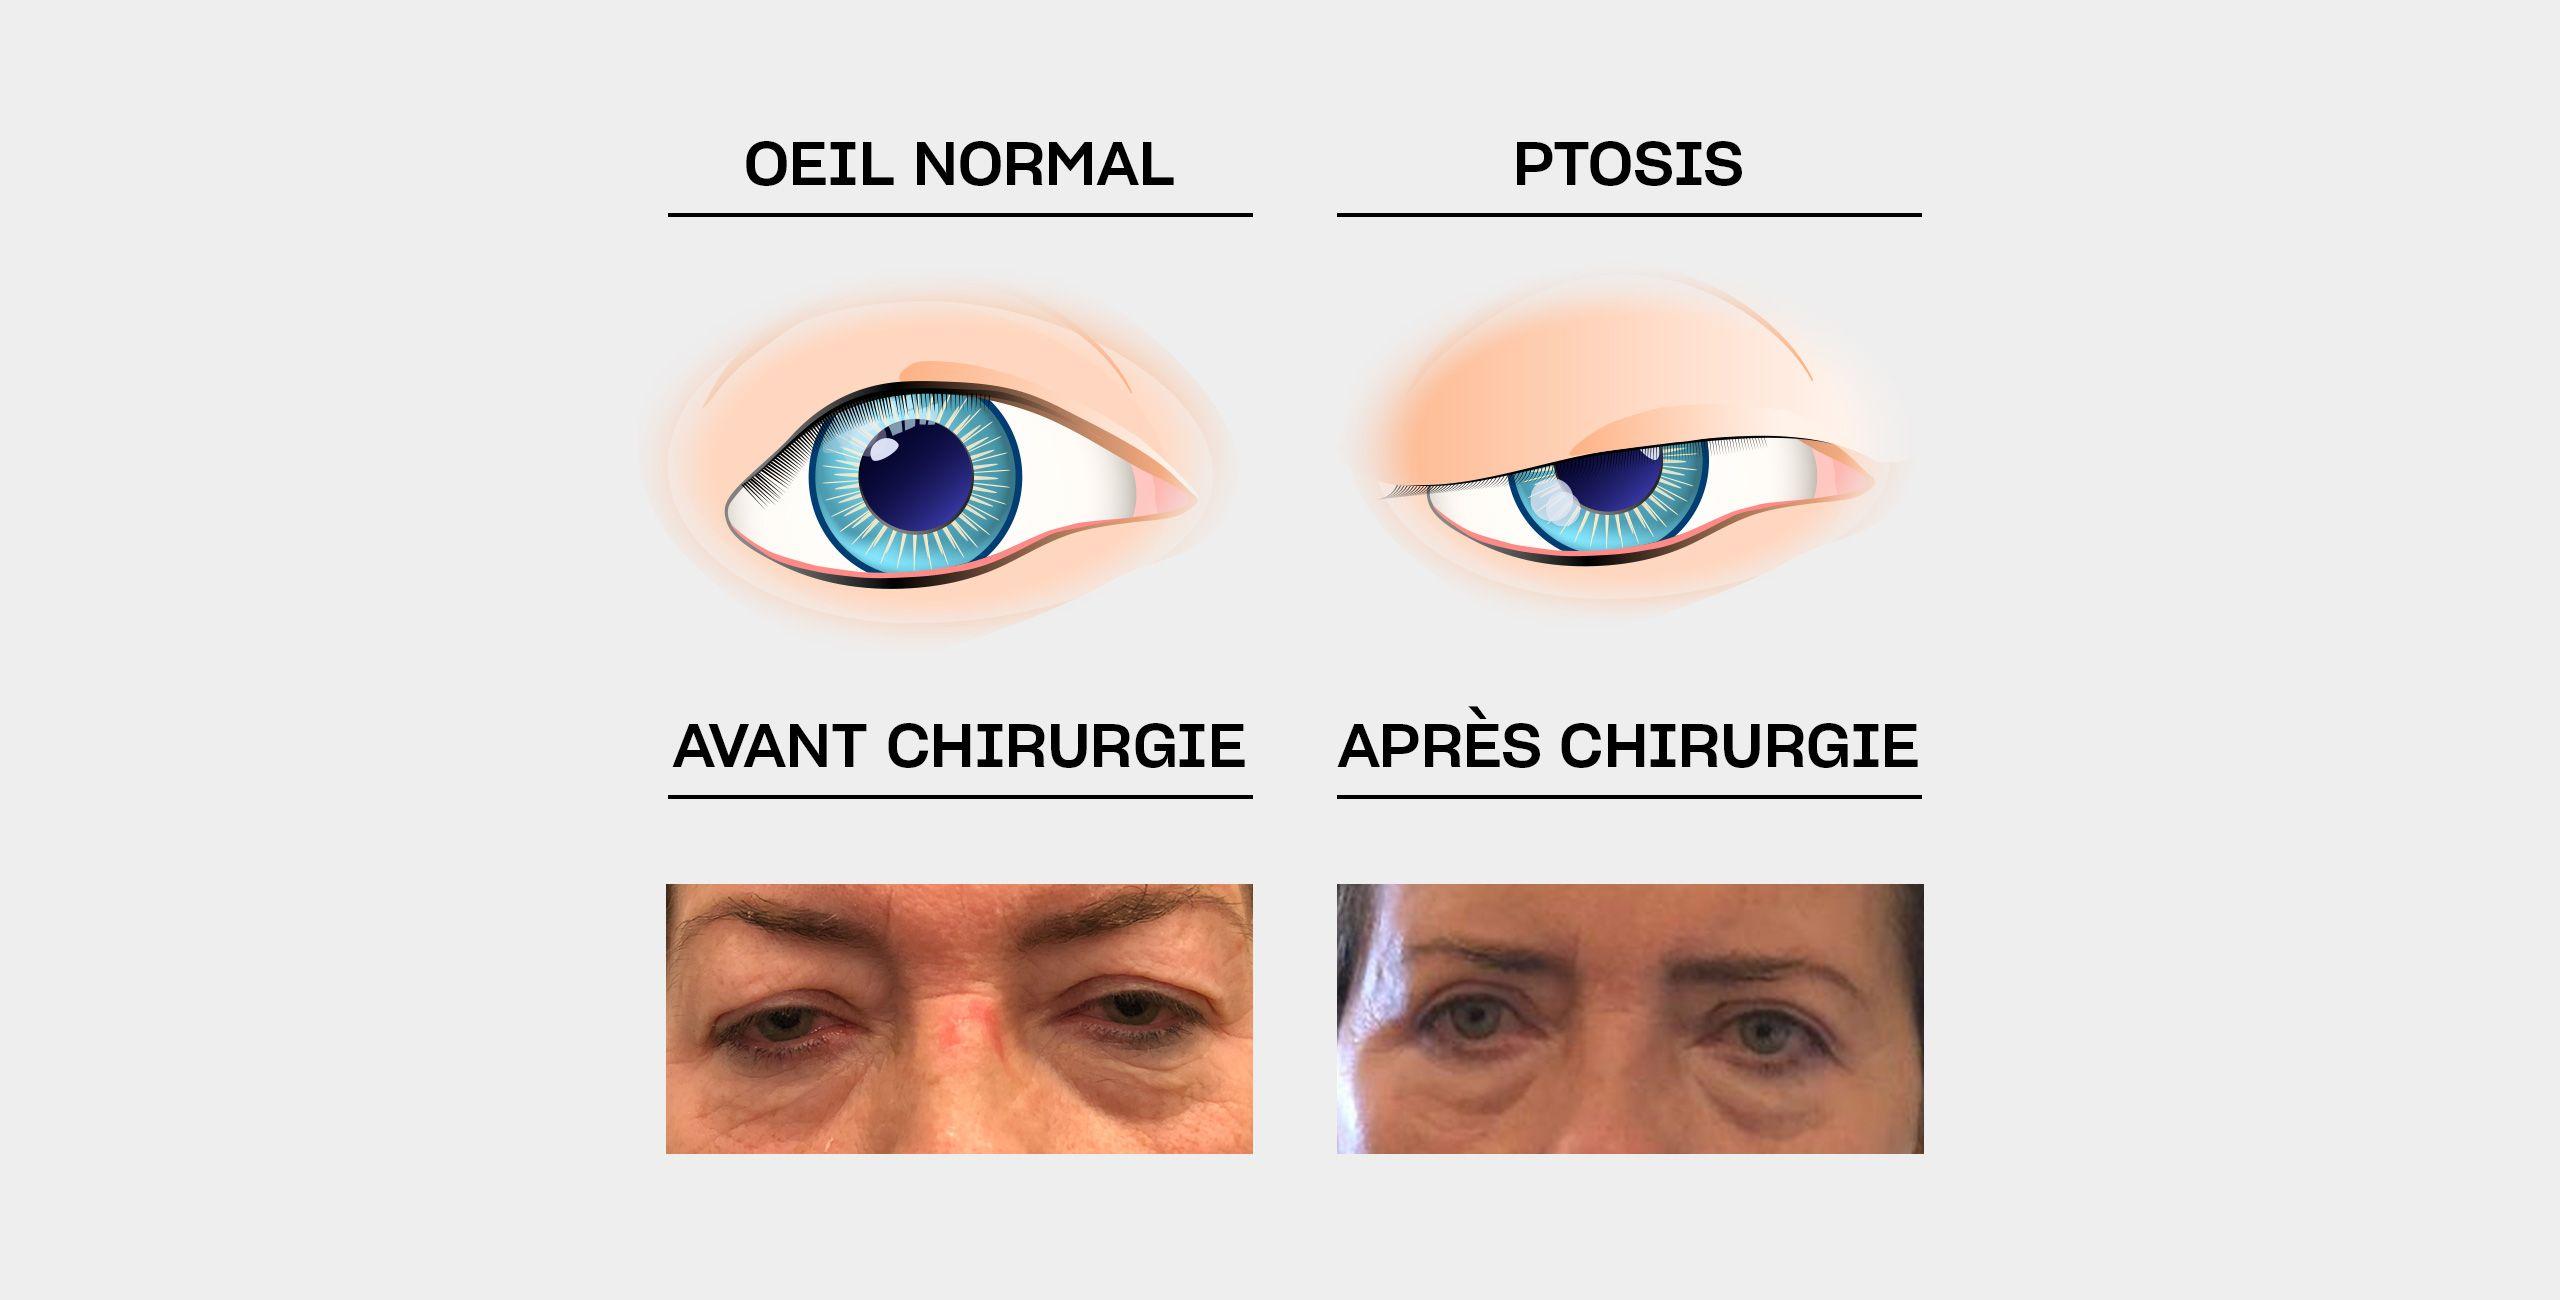 Le traitement du ptosis à Paris 5 au Centre ophtalmologique COSS